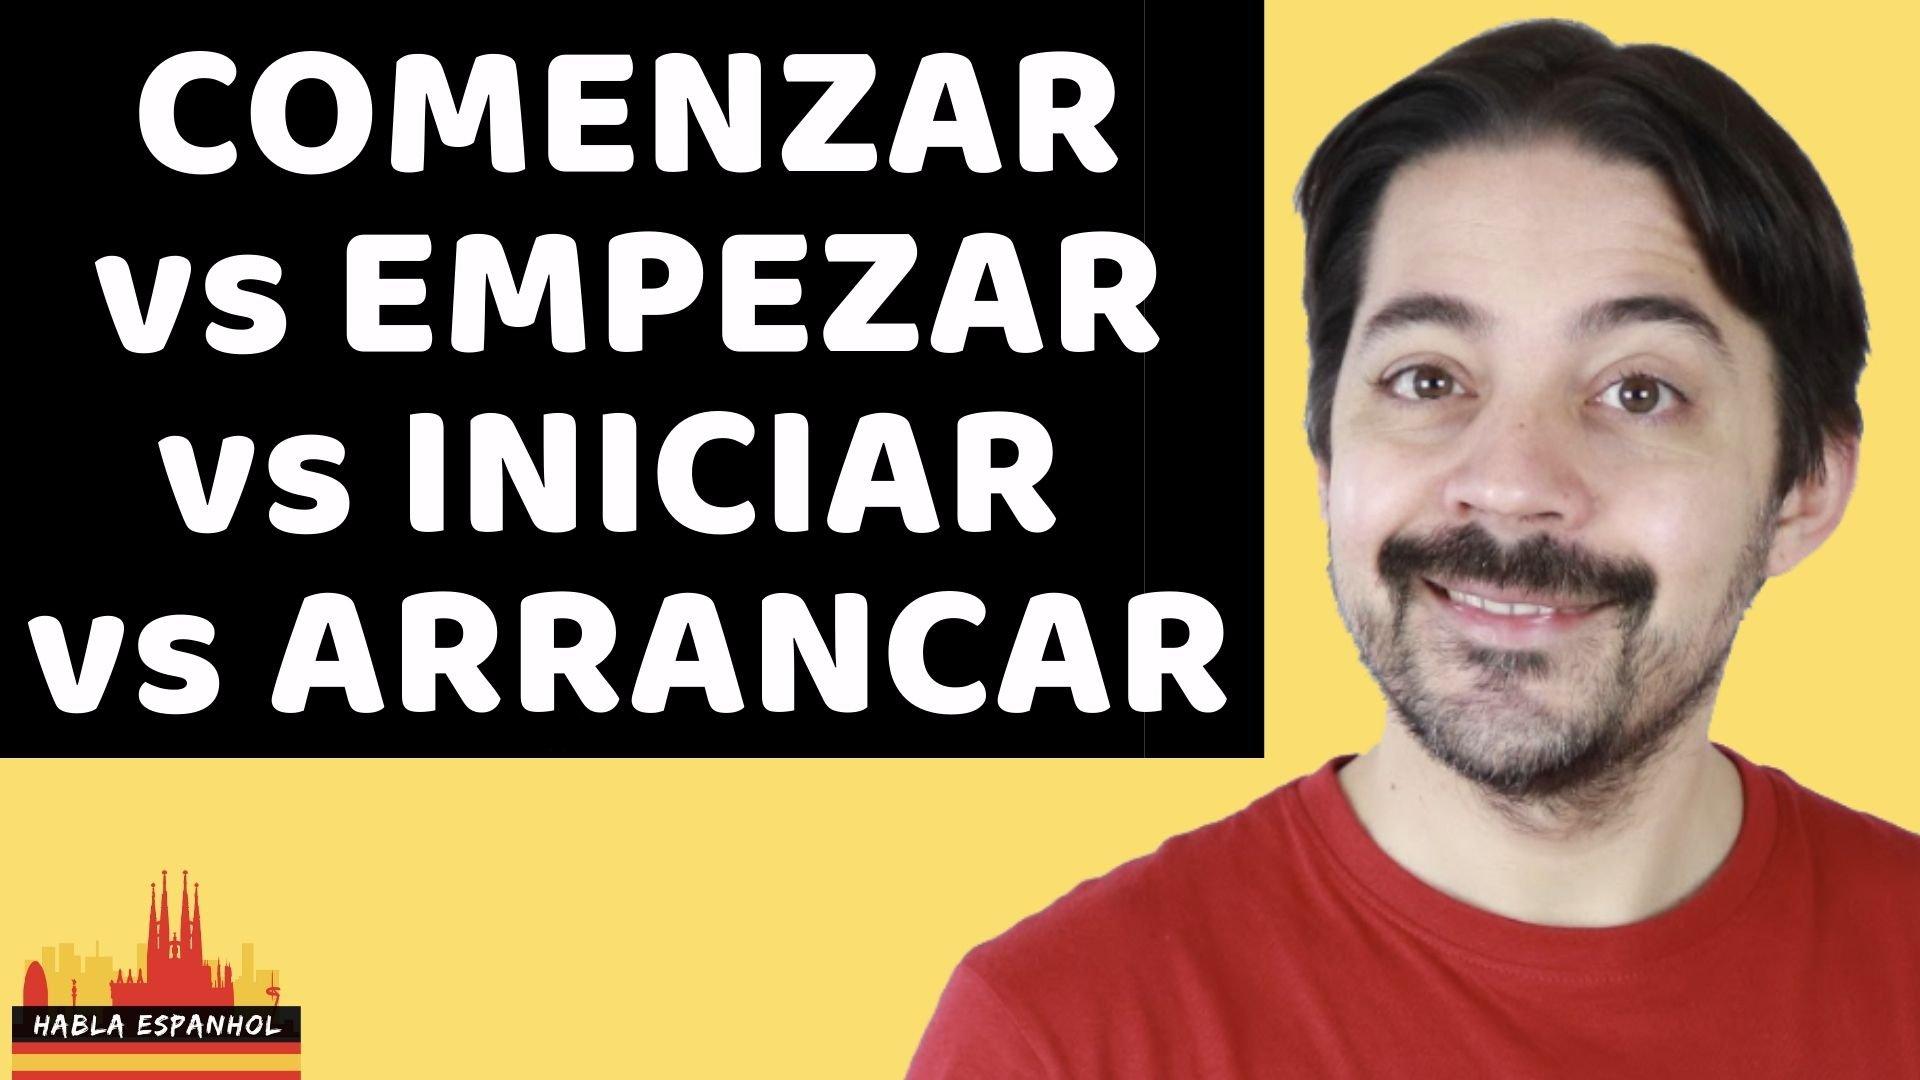 Comenzar vs Empezar vs Iniciar vs Arrancar